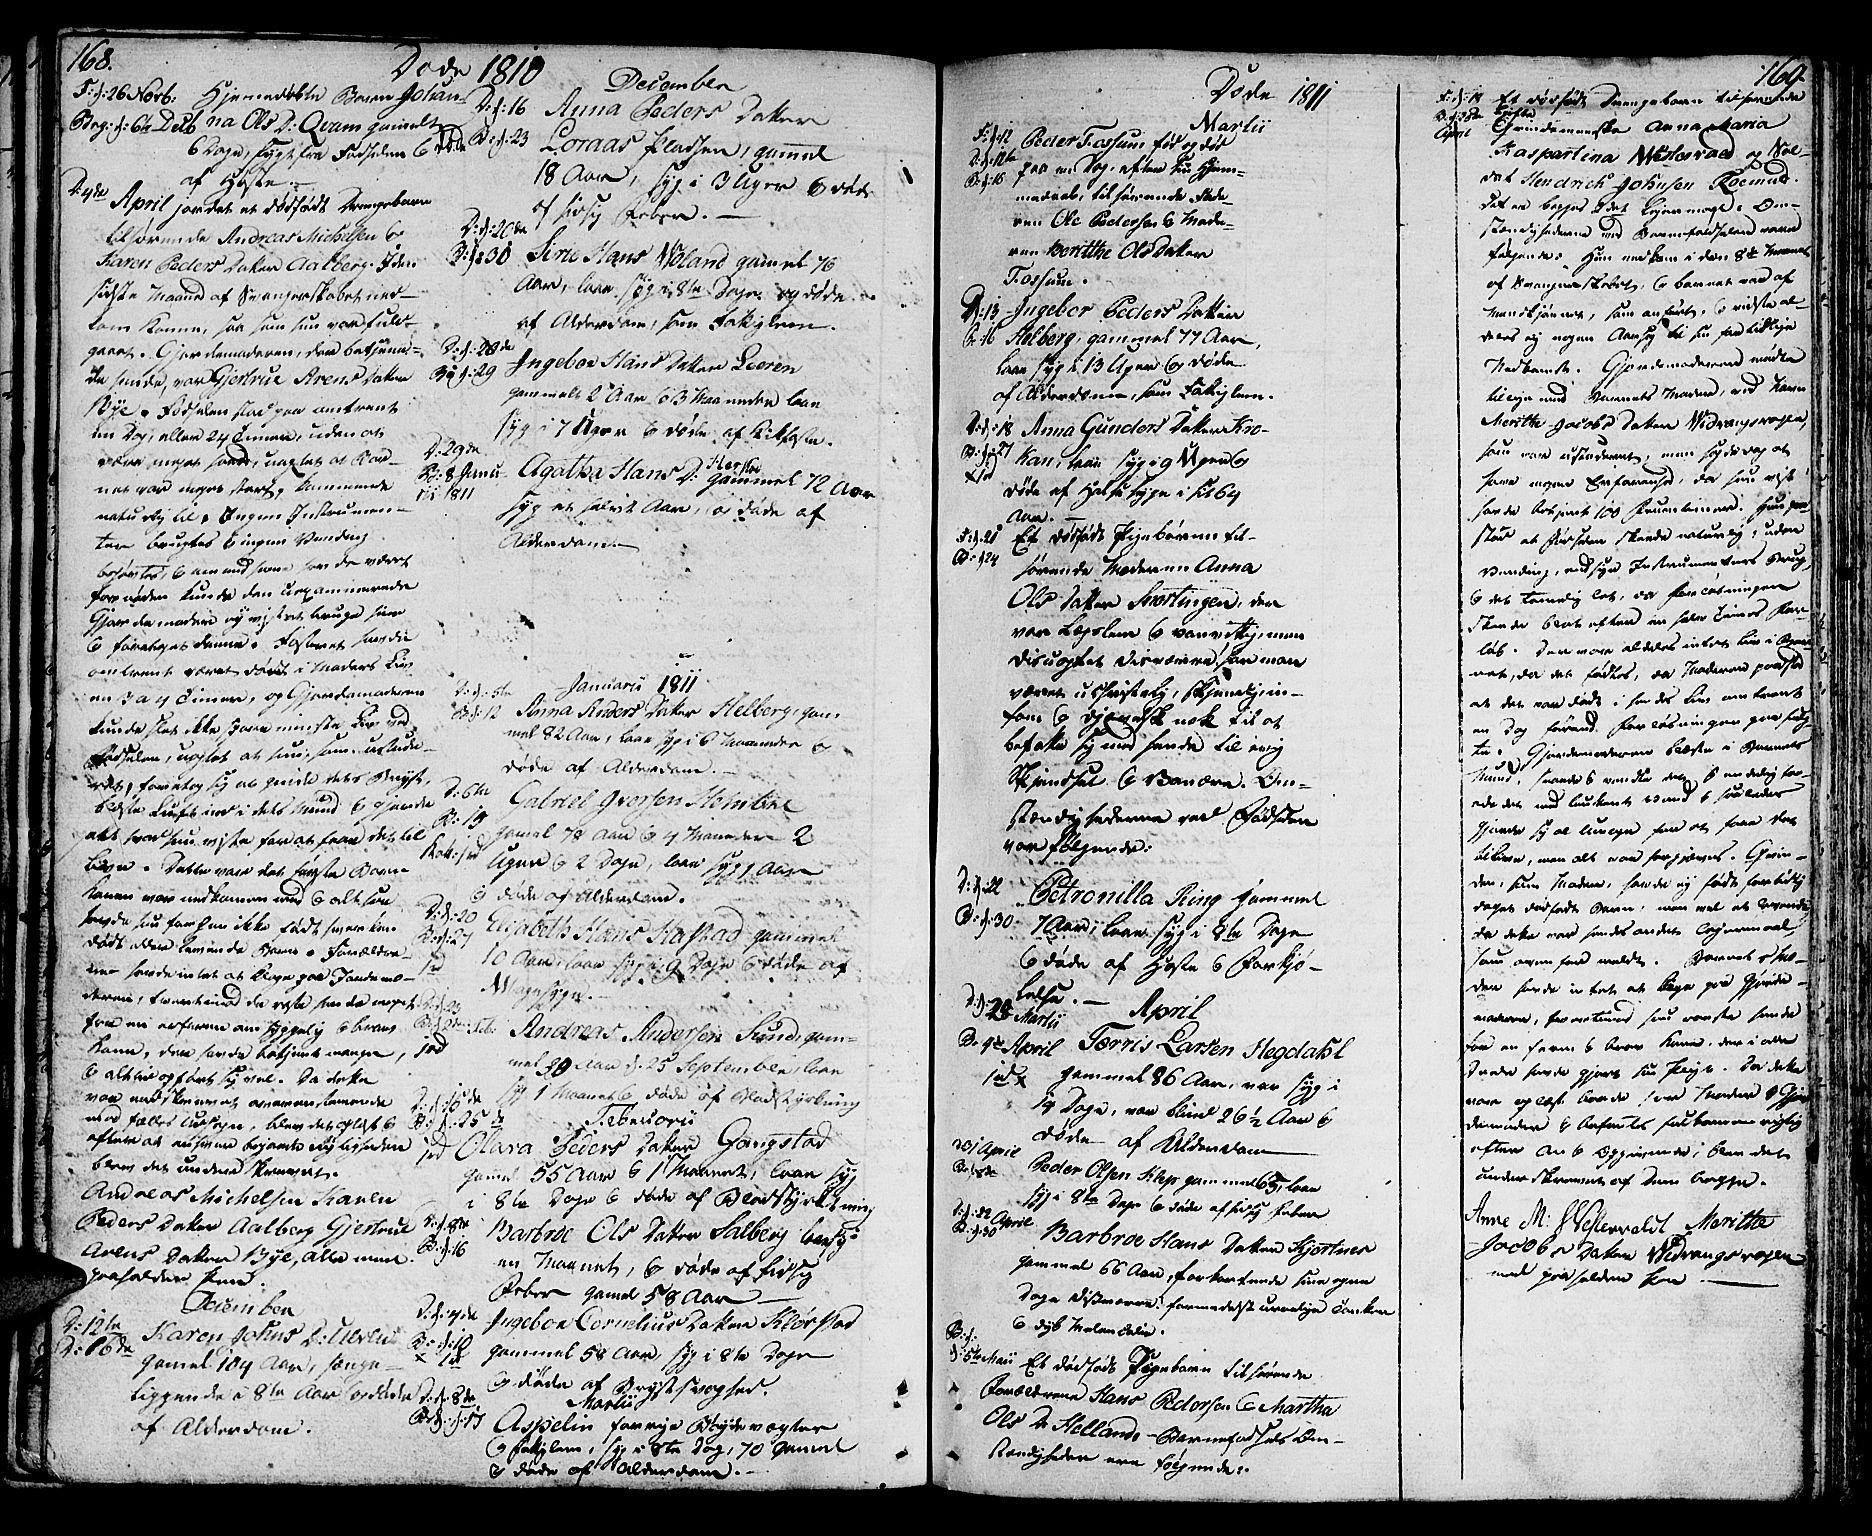 SAT, Ministerialprotokoller, klokkerbøker og fødselsregistre - Nord-Trøndelag, 730/L0274: Ministerialbok nr. 730A03, 1802-1816, s. 168-169